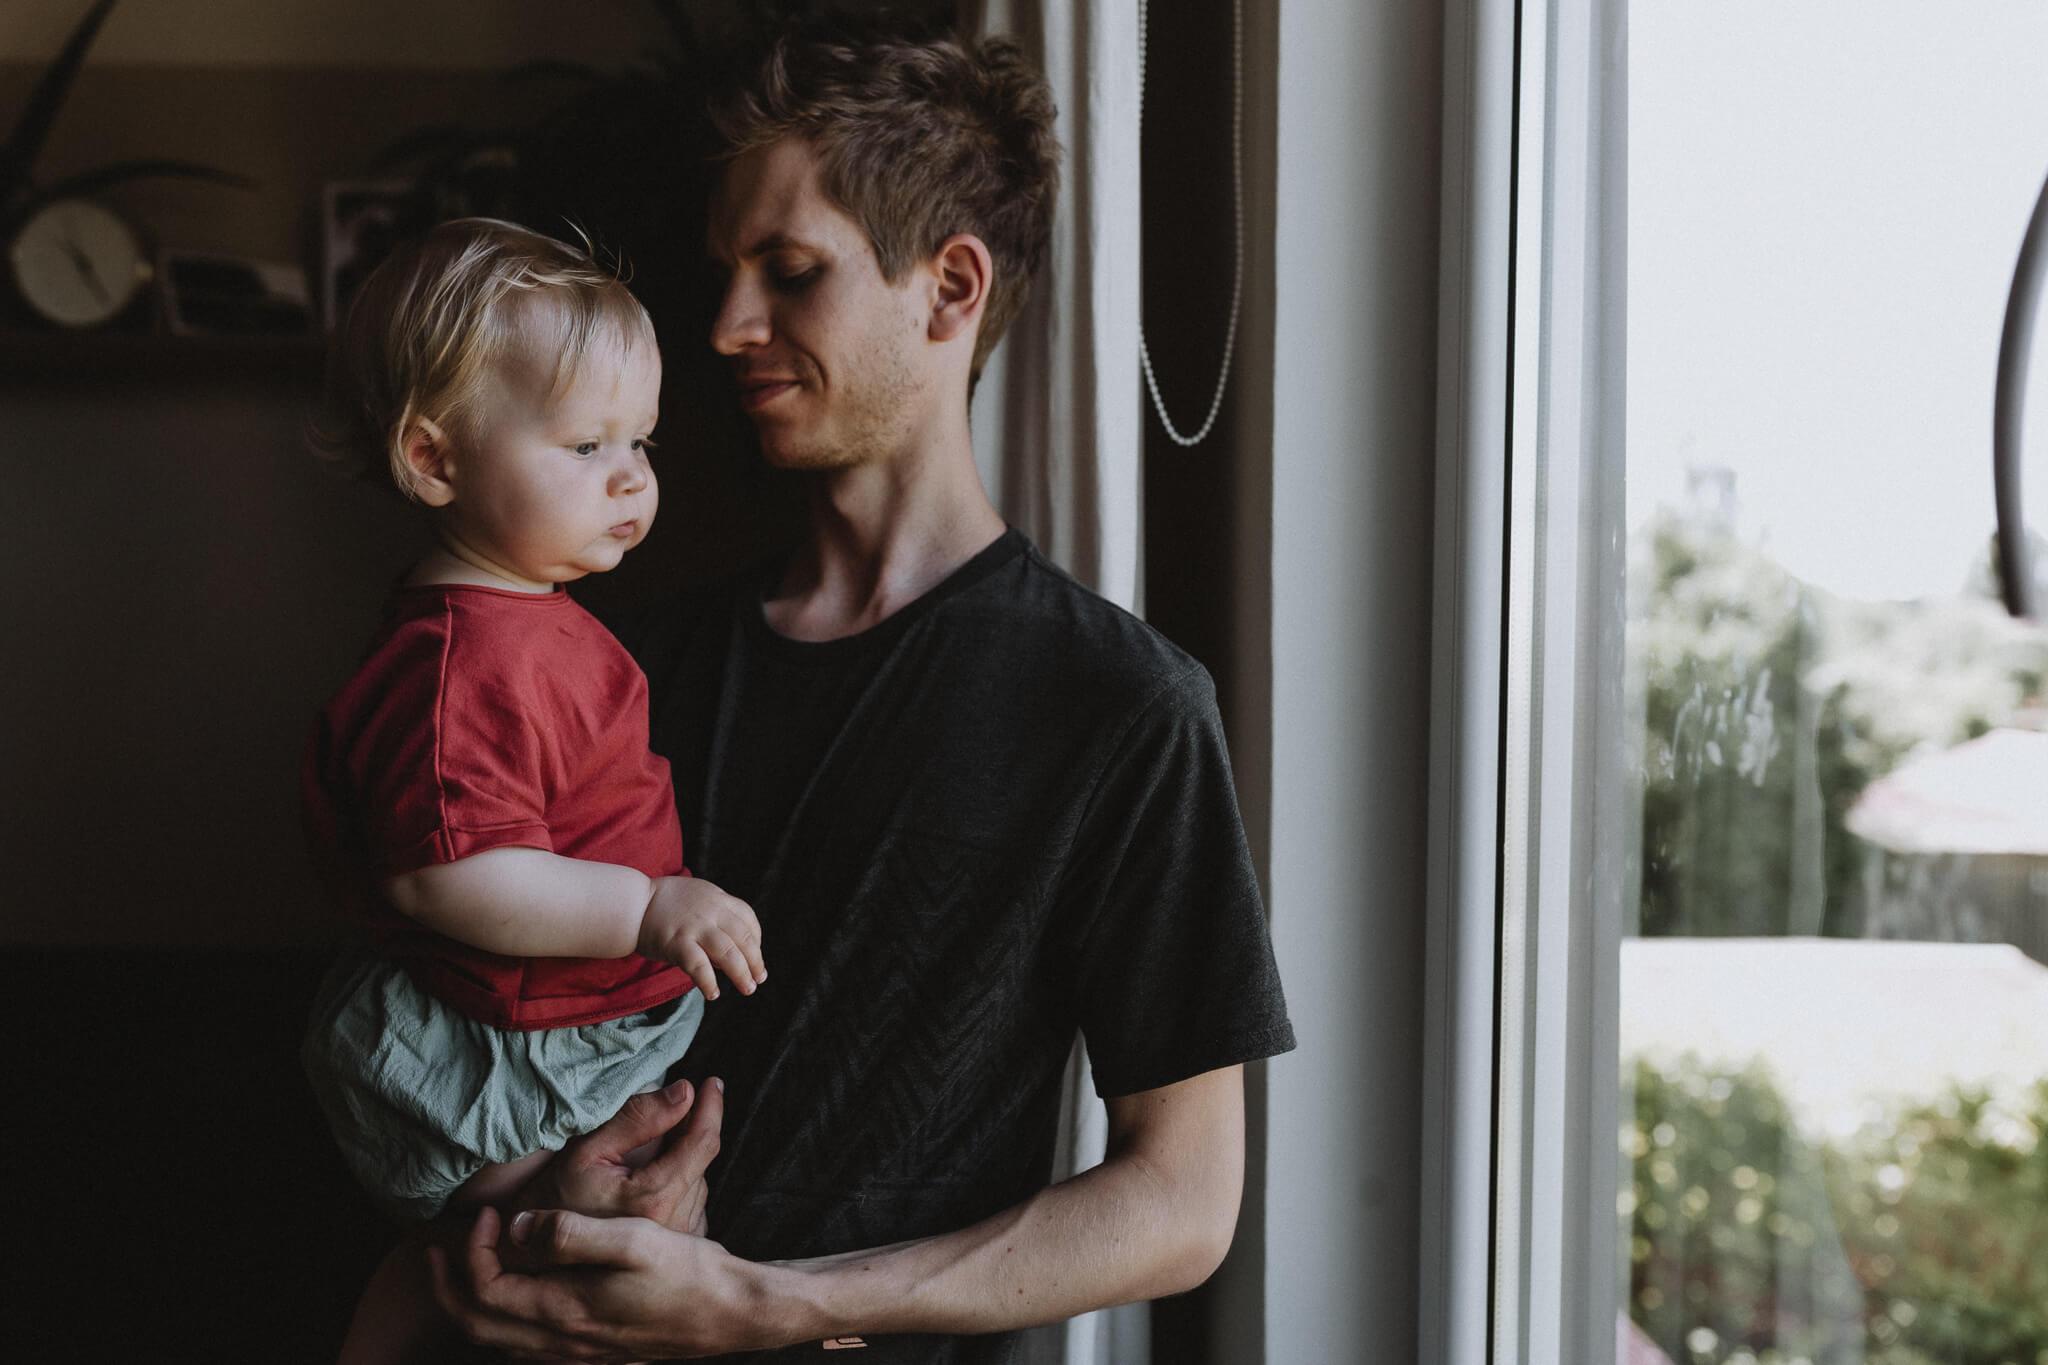 Portreefoto isast ja tütrest, sesiavad akna juures. Vaade Tammelinna, aps vaatab aknast välja.